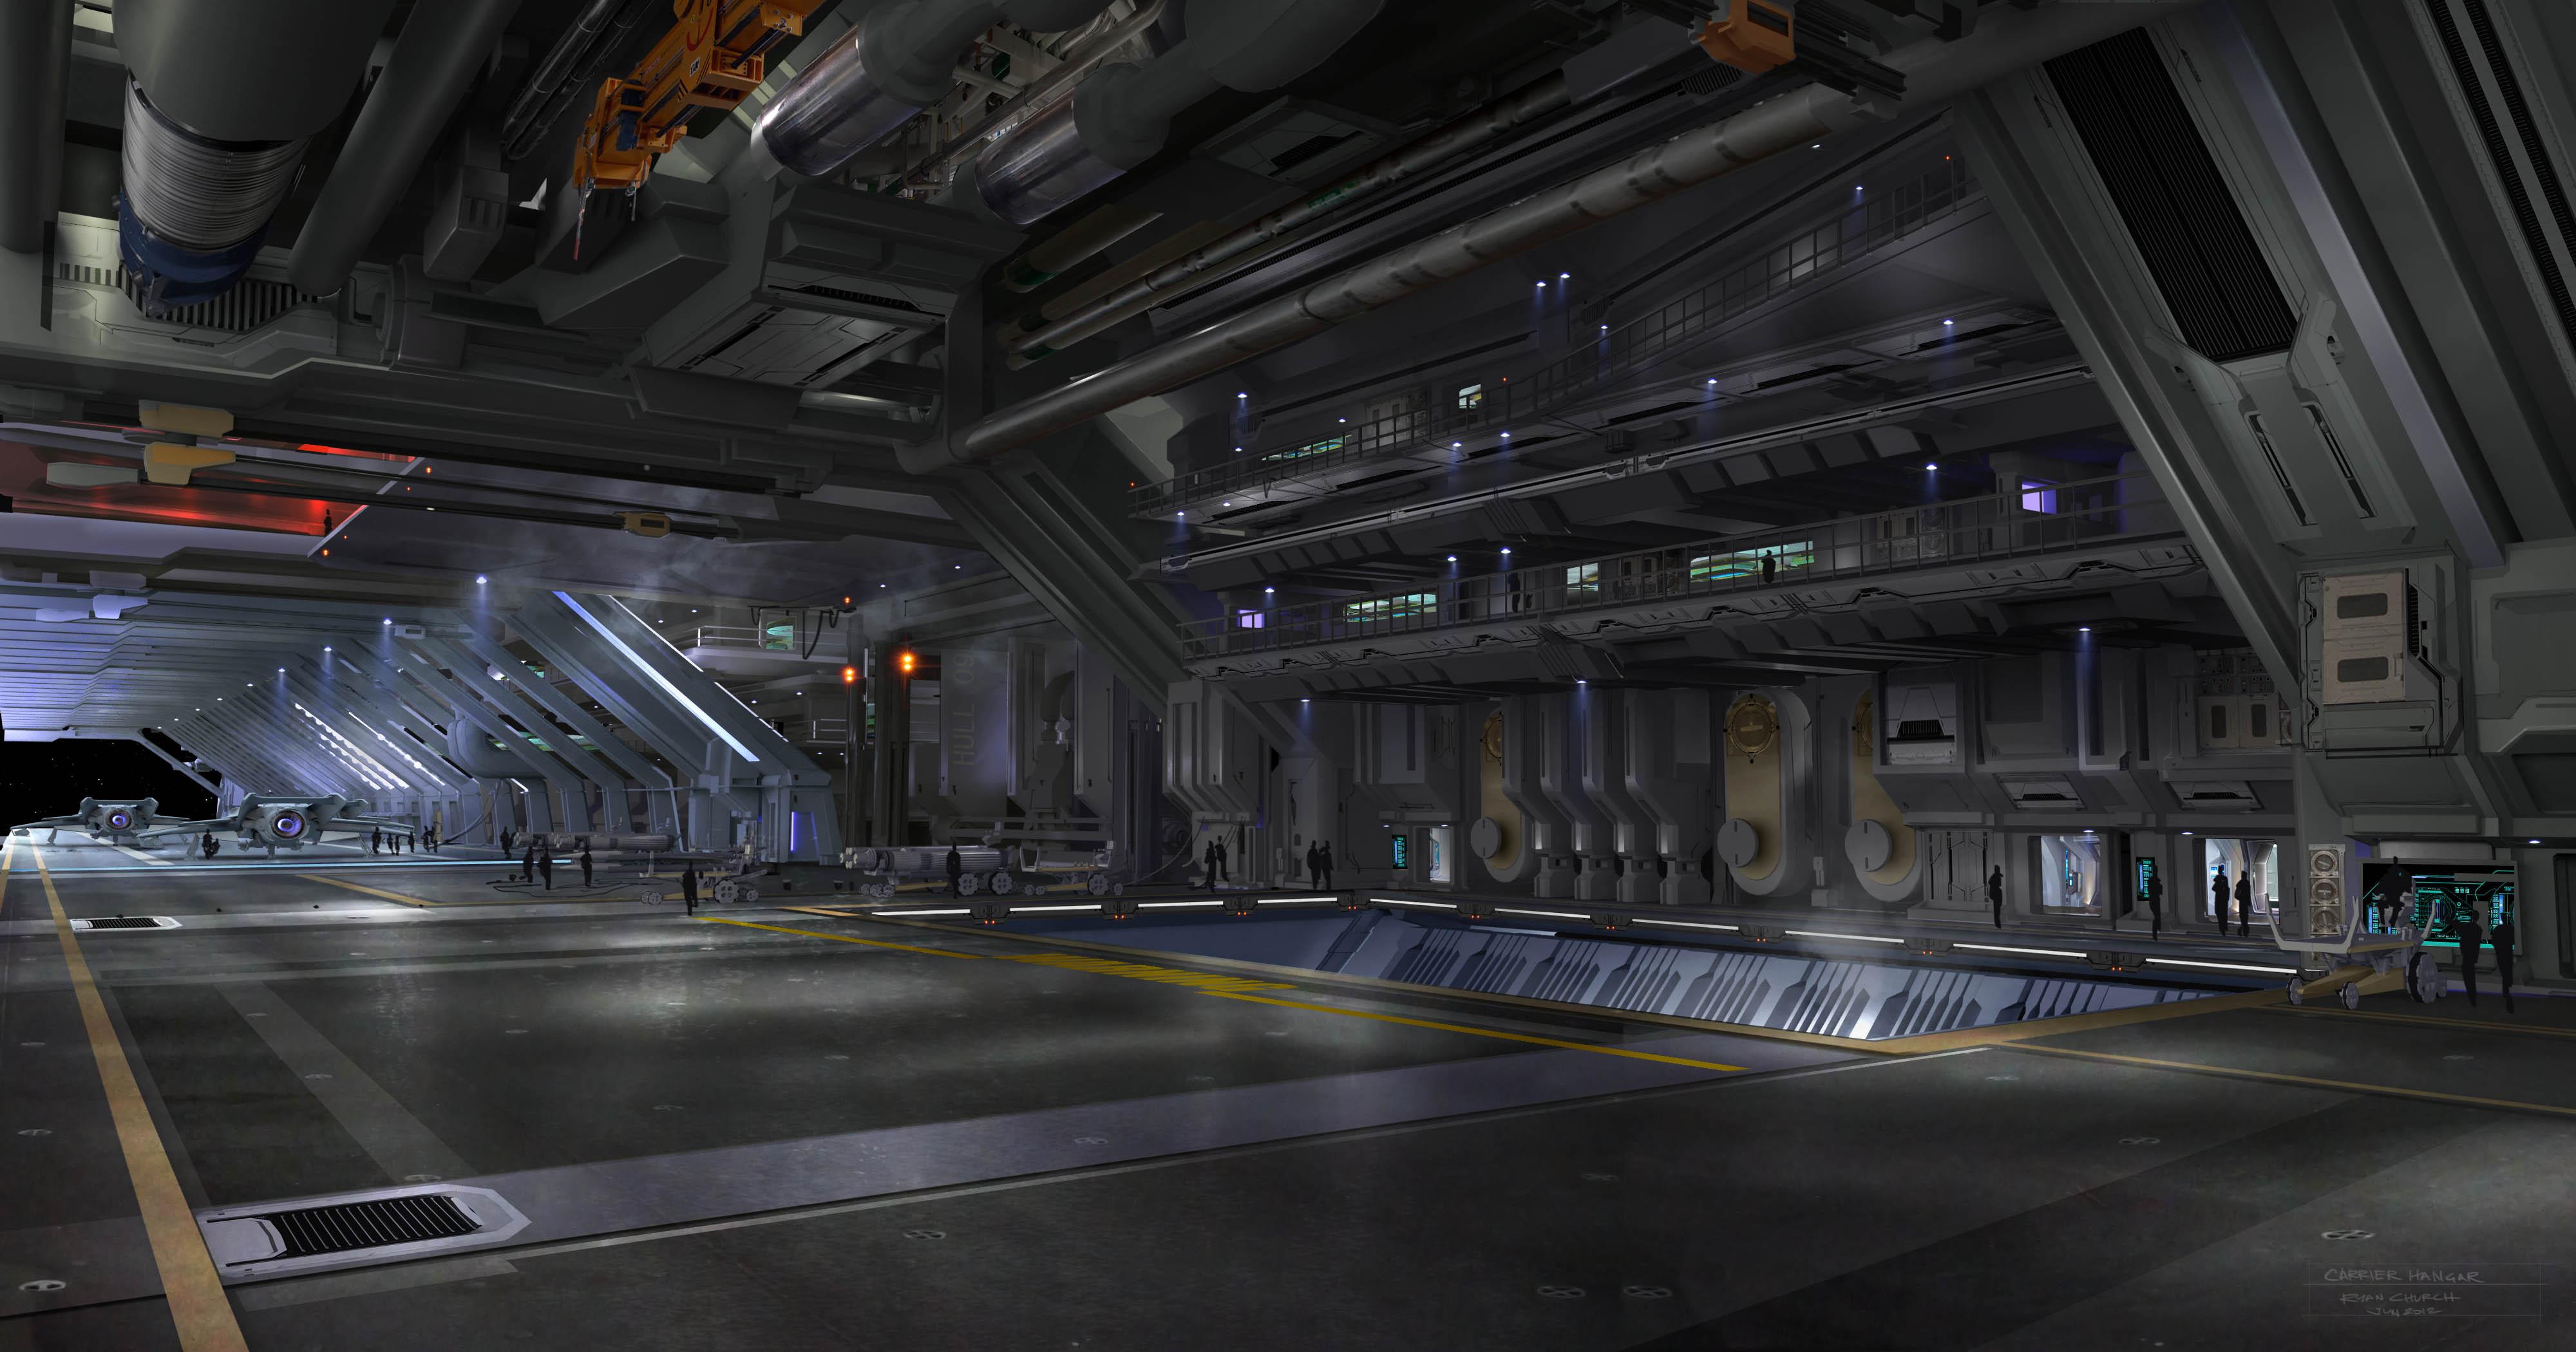 Chris roberts 39 neues spiel teaser ver ffentlicht news for Interieur vaisseau star wars